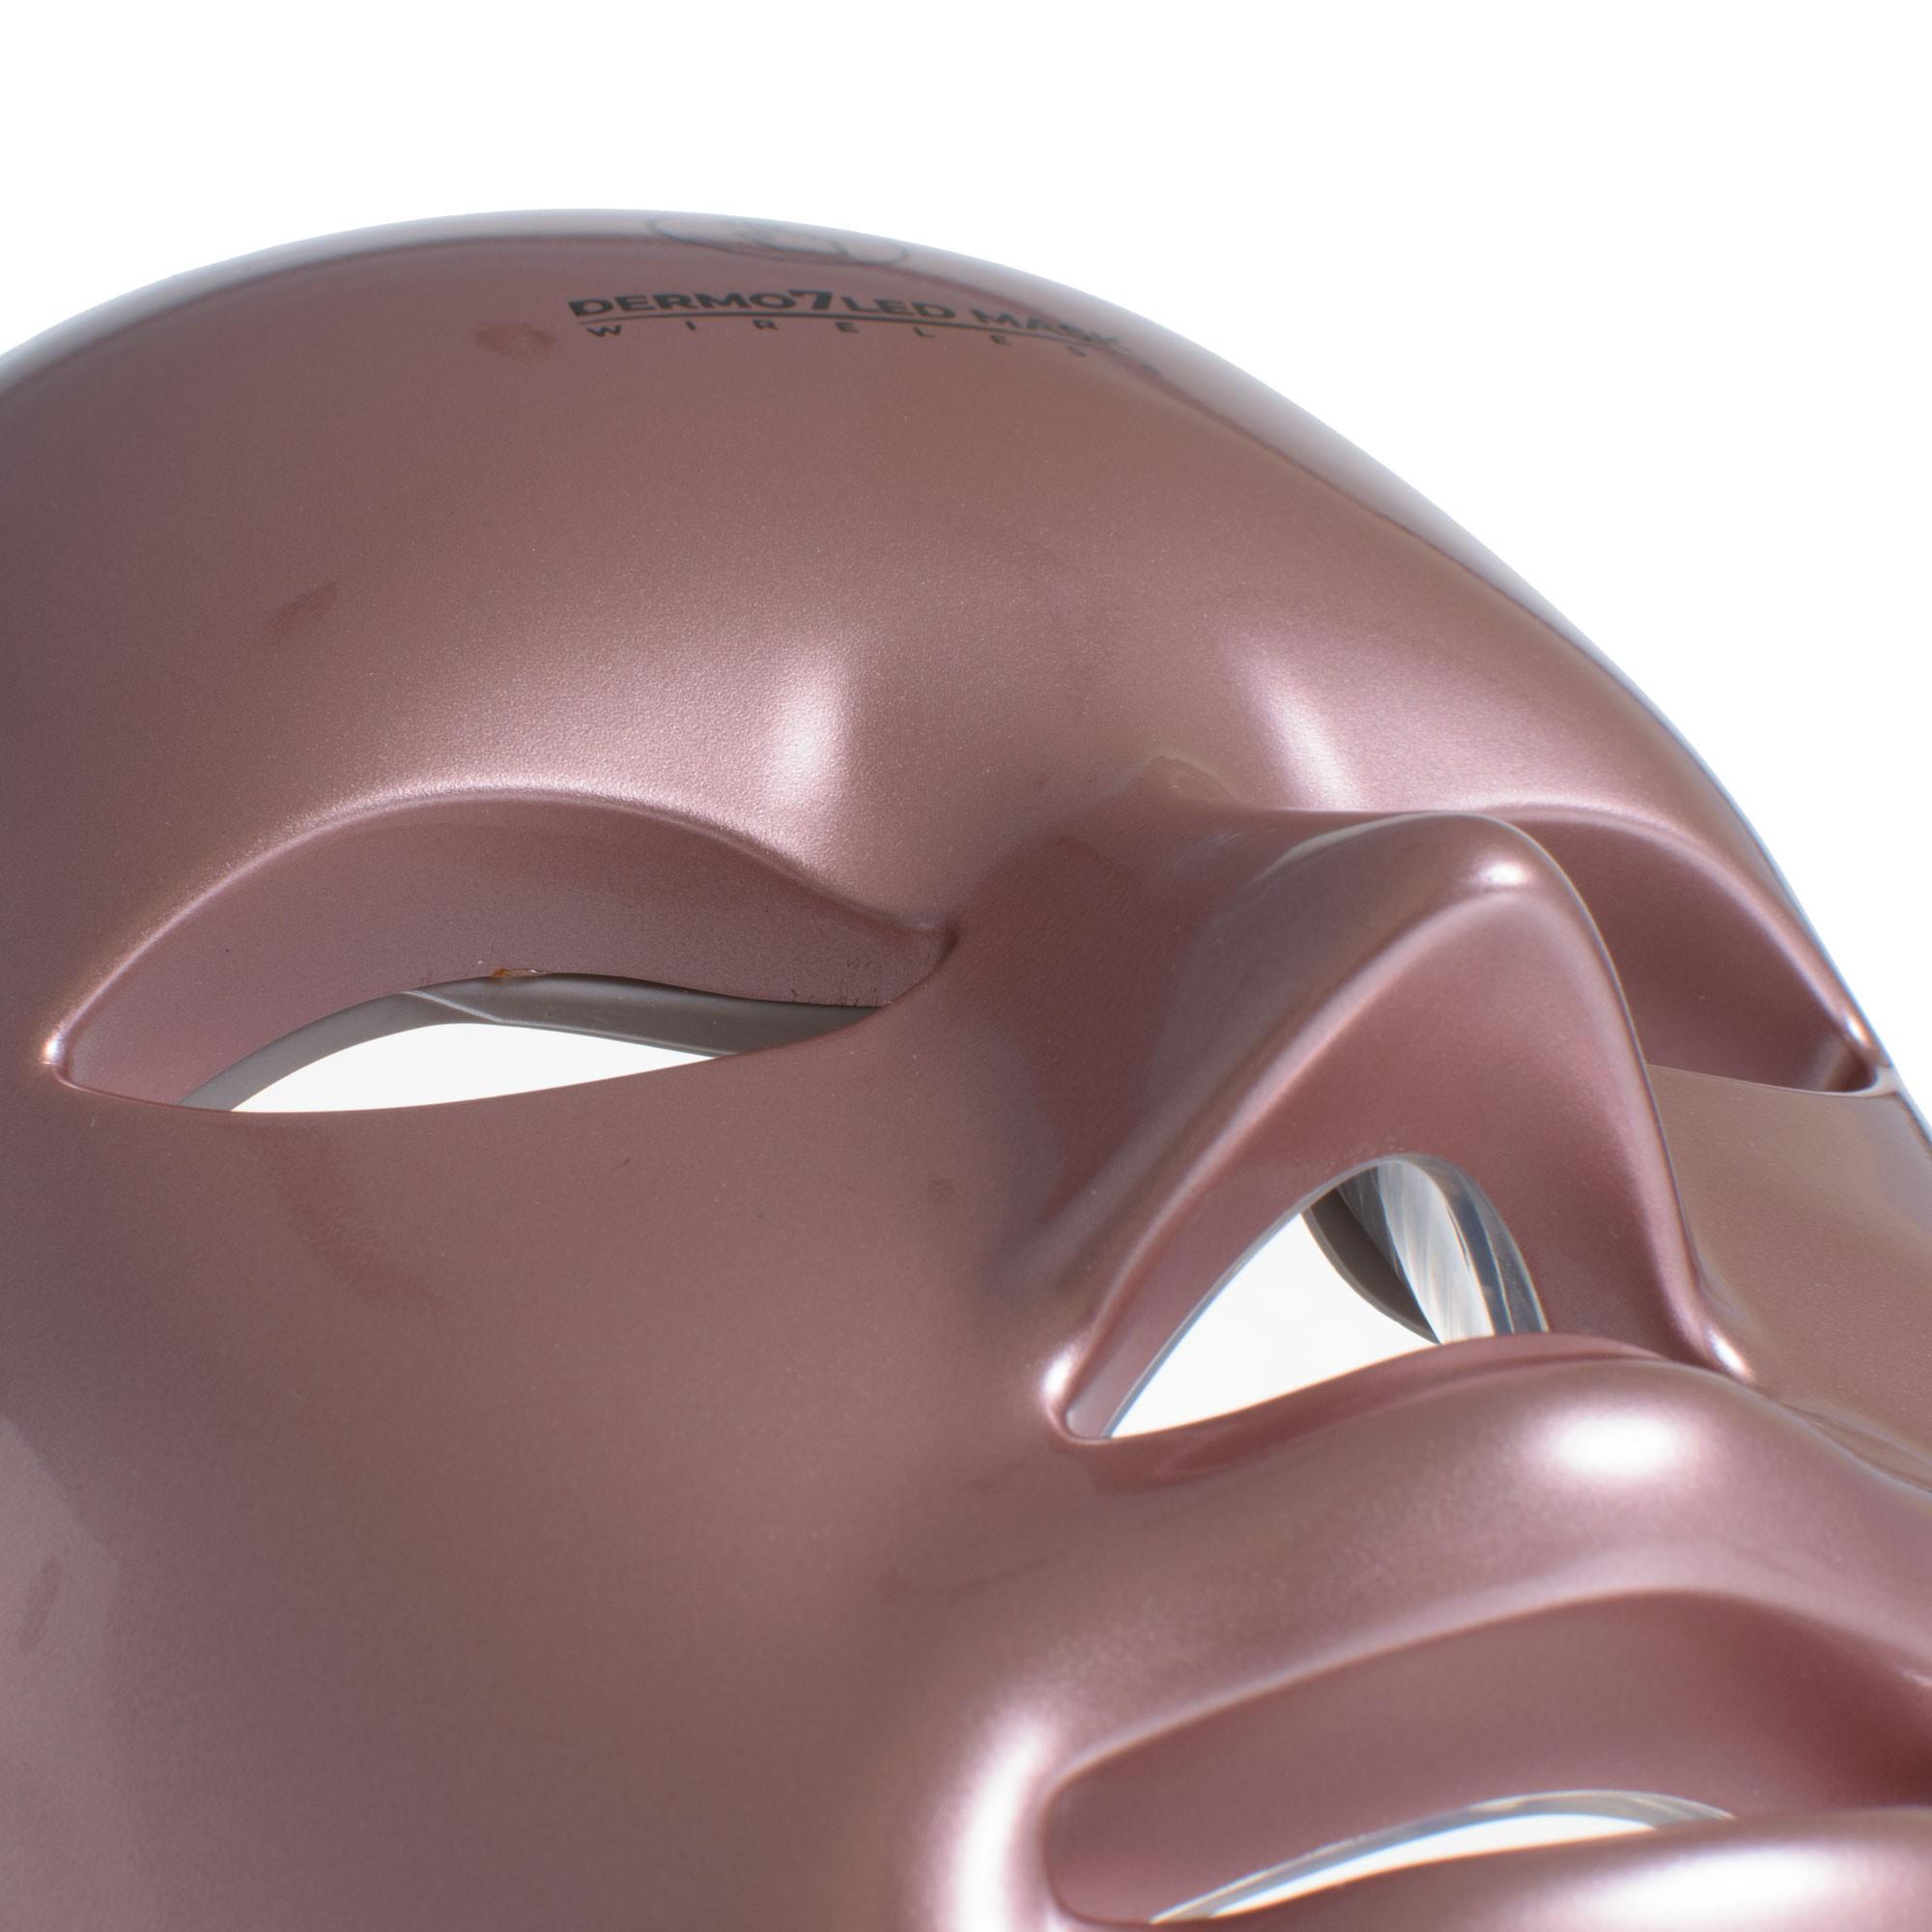 Bezprzewodowa fototerapia maską LEDOWĄ DERMO 7 LED MASK